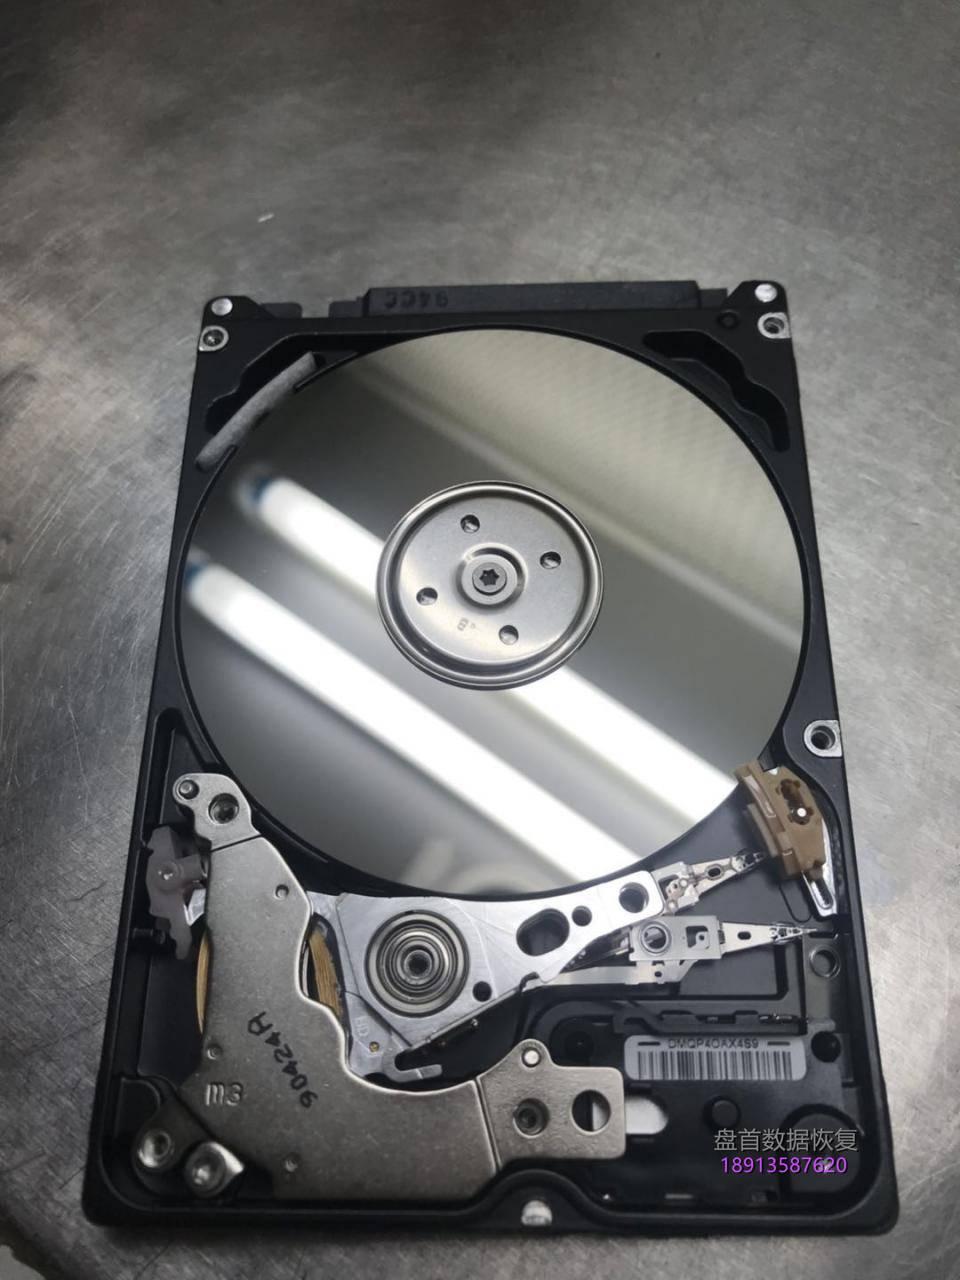 成功恢复WD250G笔记本硬盘摔坏盘体严重变形